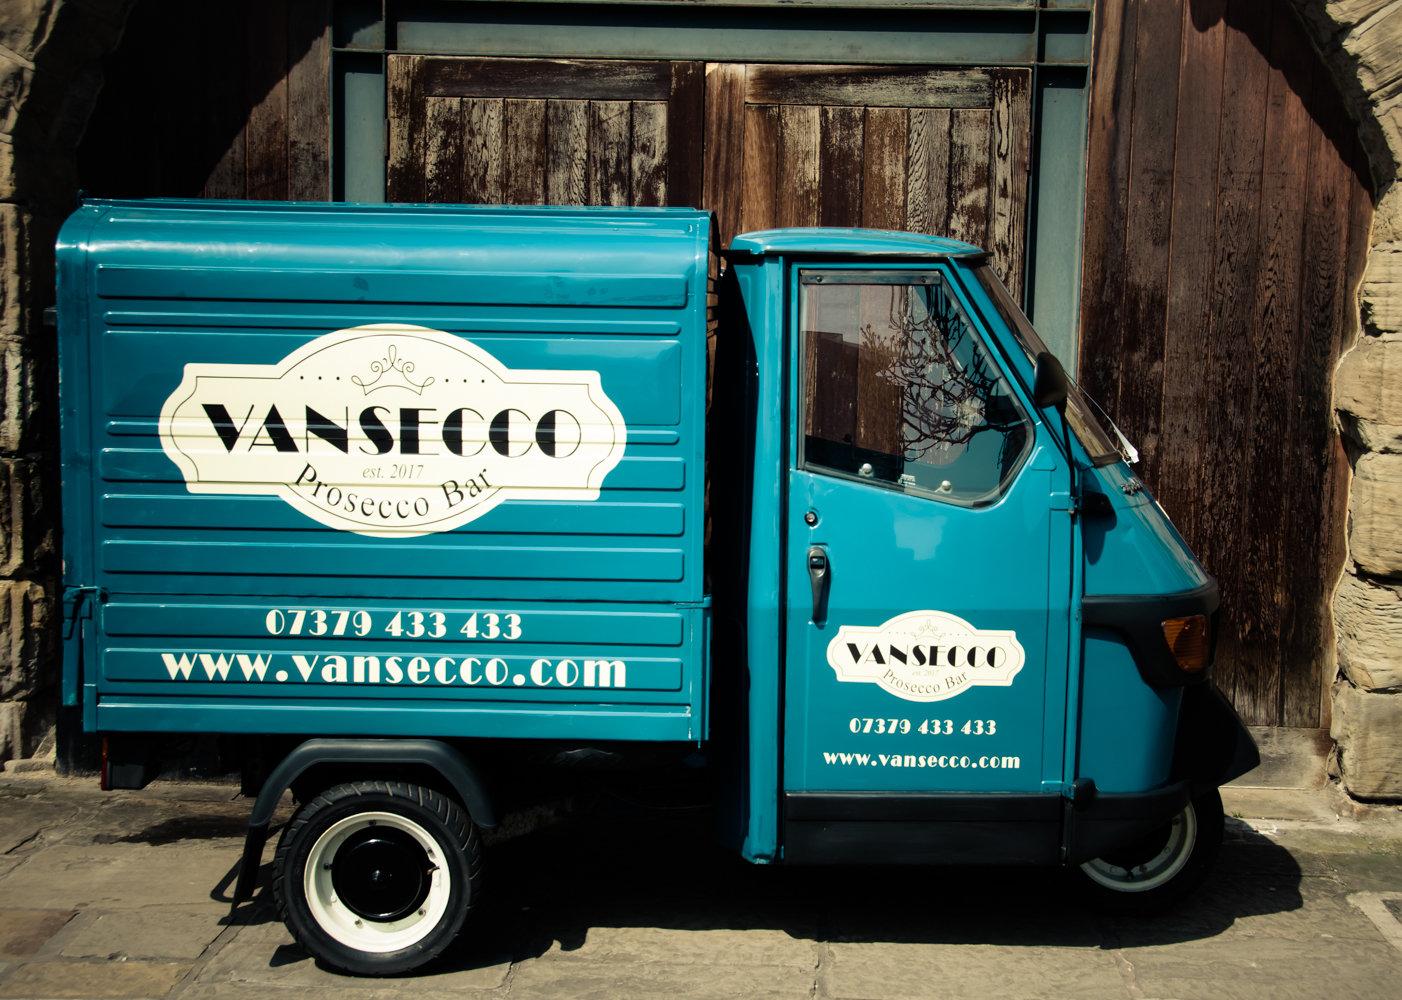 1996 Piaggio Ape Mobile Prosecco Van    REDUCED PRICE For